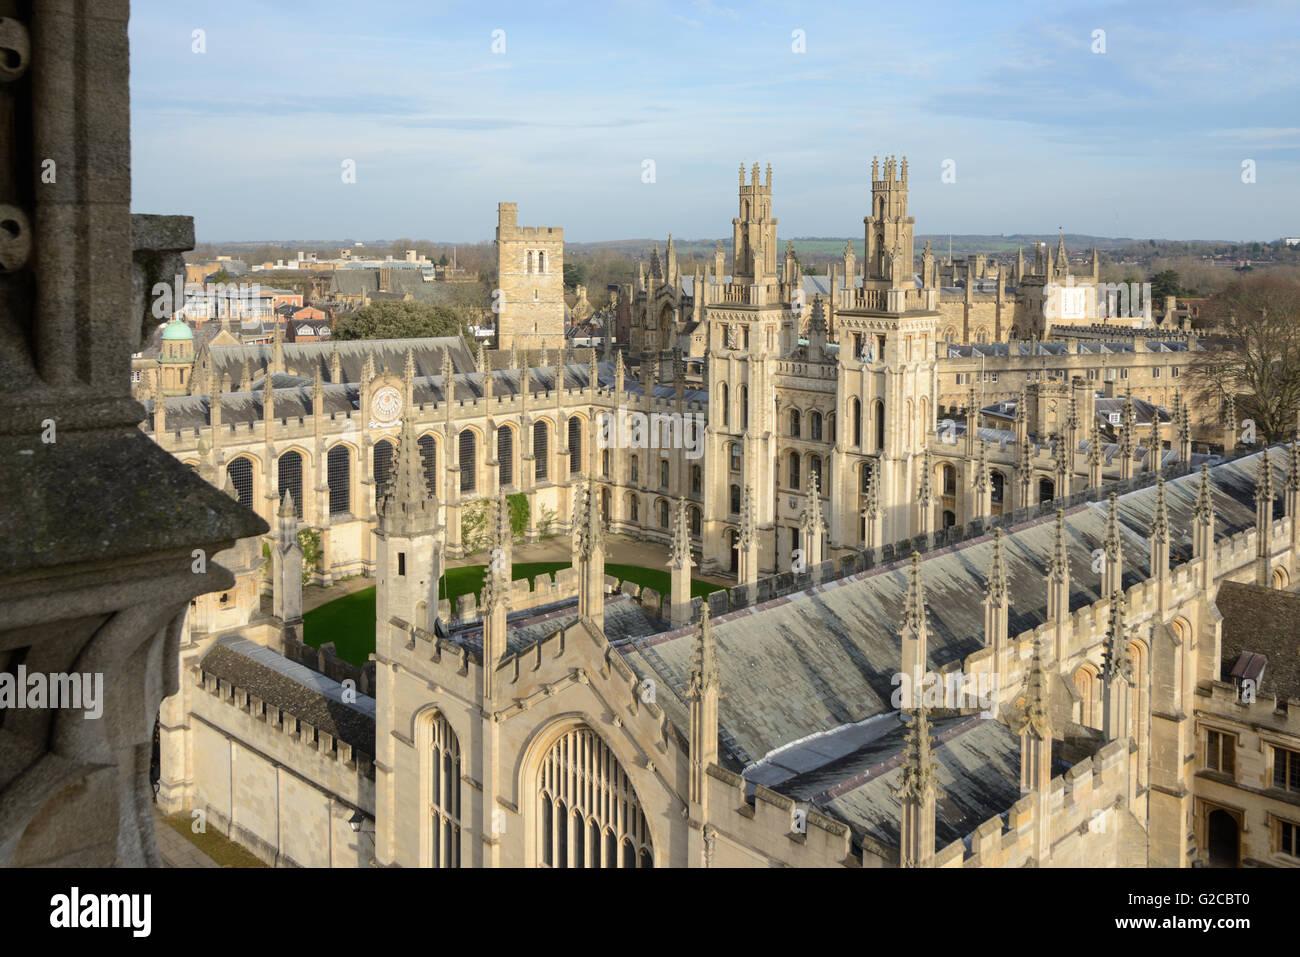 Guglie e tetti di tutte le anime College Oxford University in Inghilterra Immagini Stock